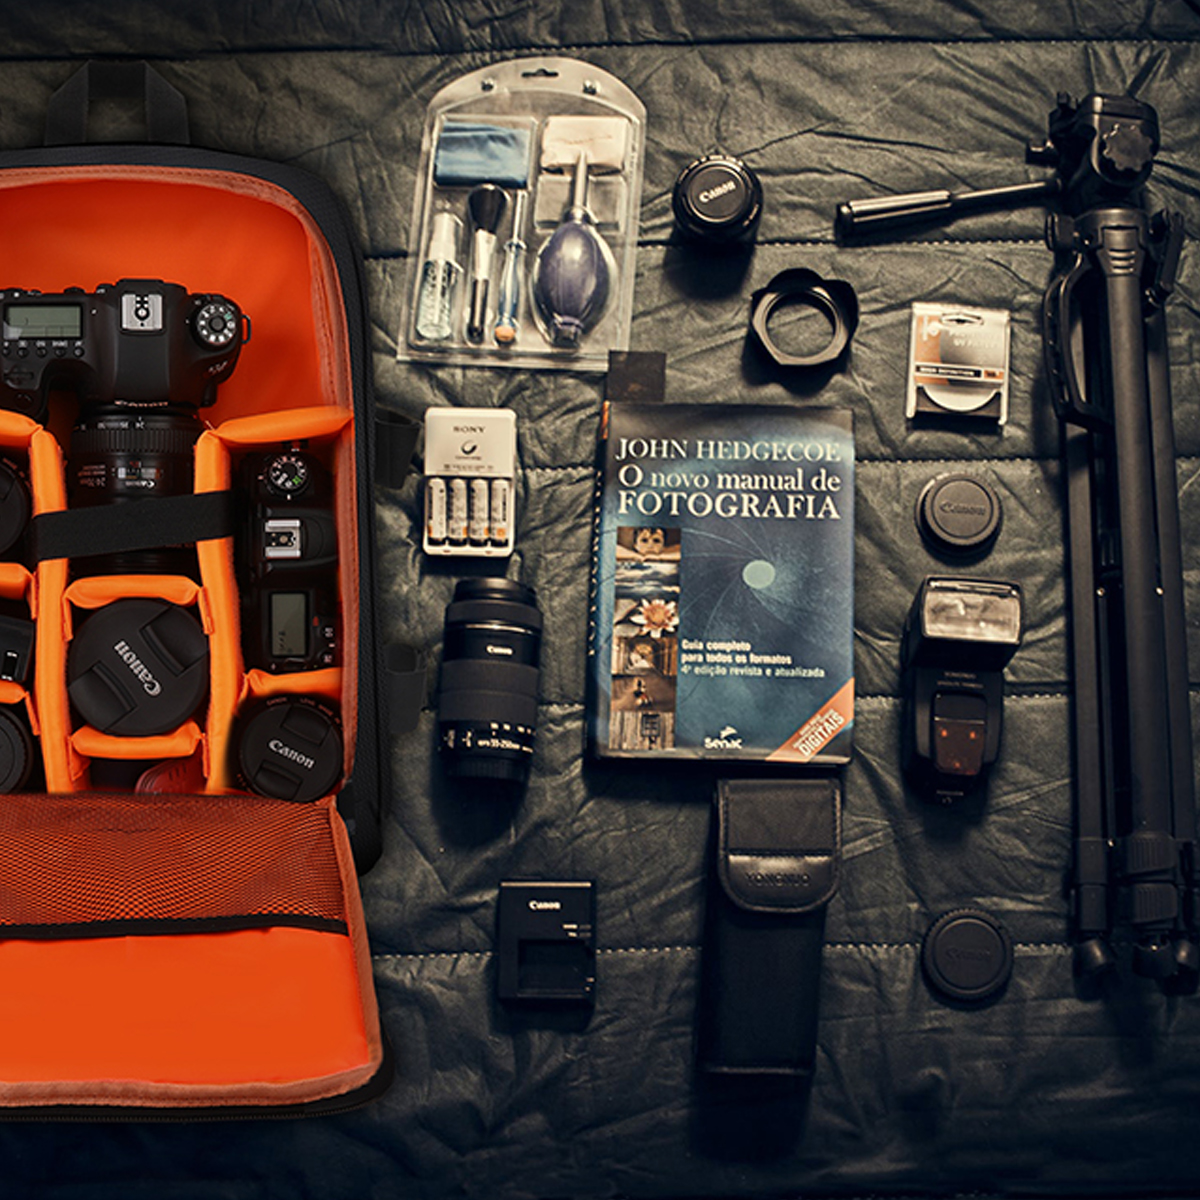 Balo đựng máy ảnh chống thấm (SB01), túi máy ảnh chuyên dụng 2 trong 1 đựng cả laptop